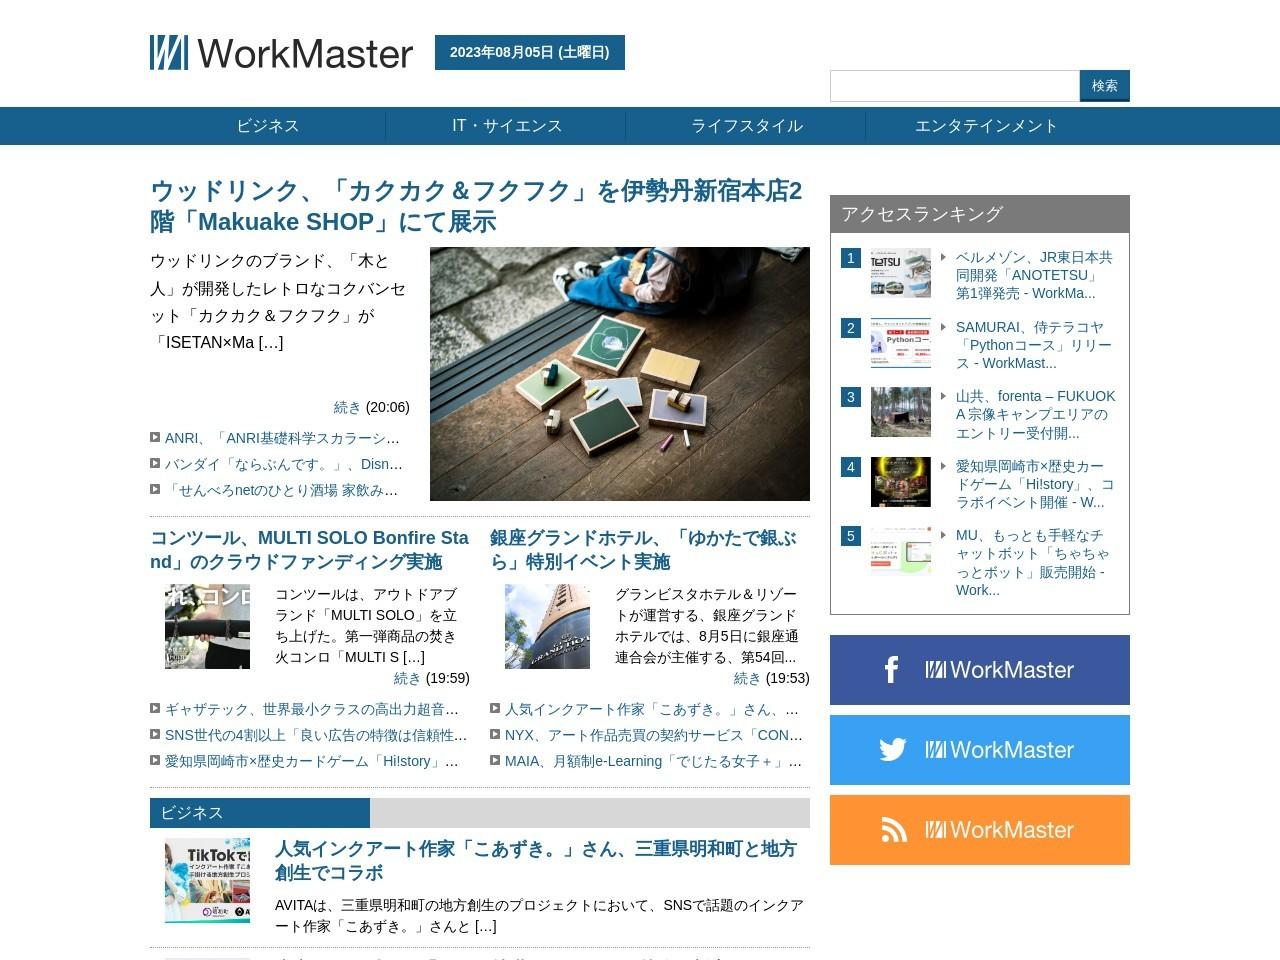 価格.com、「格安SIM・大手携帯キャリア」満足度ランキング発表